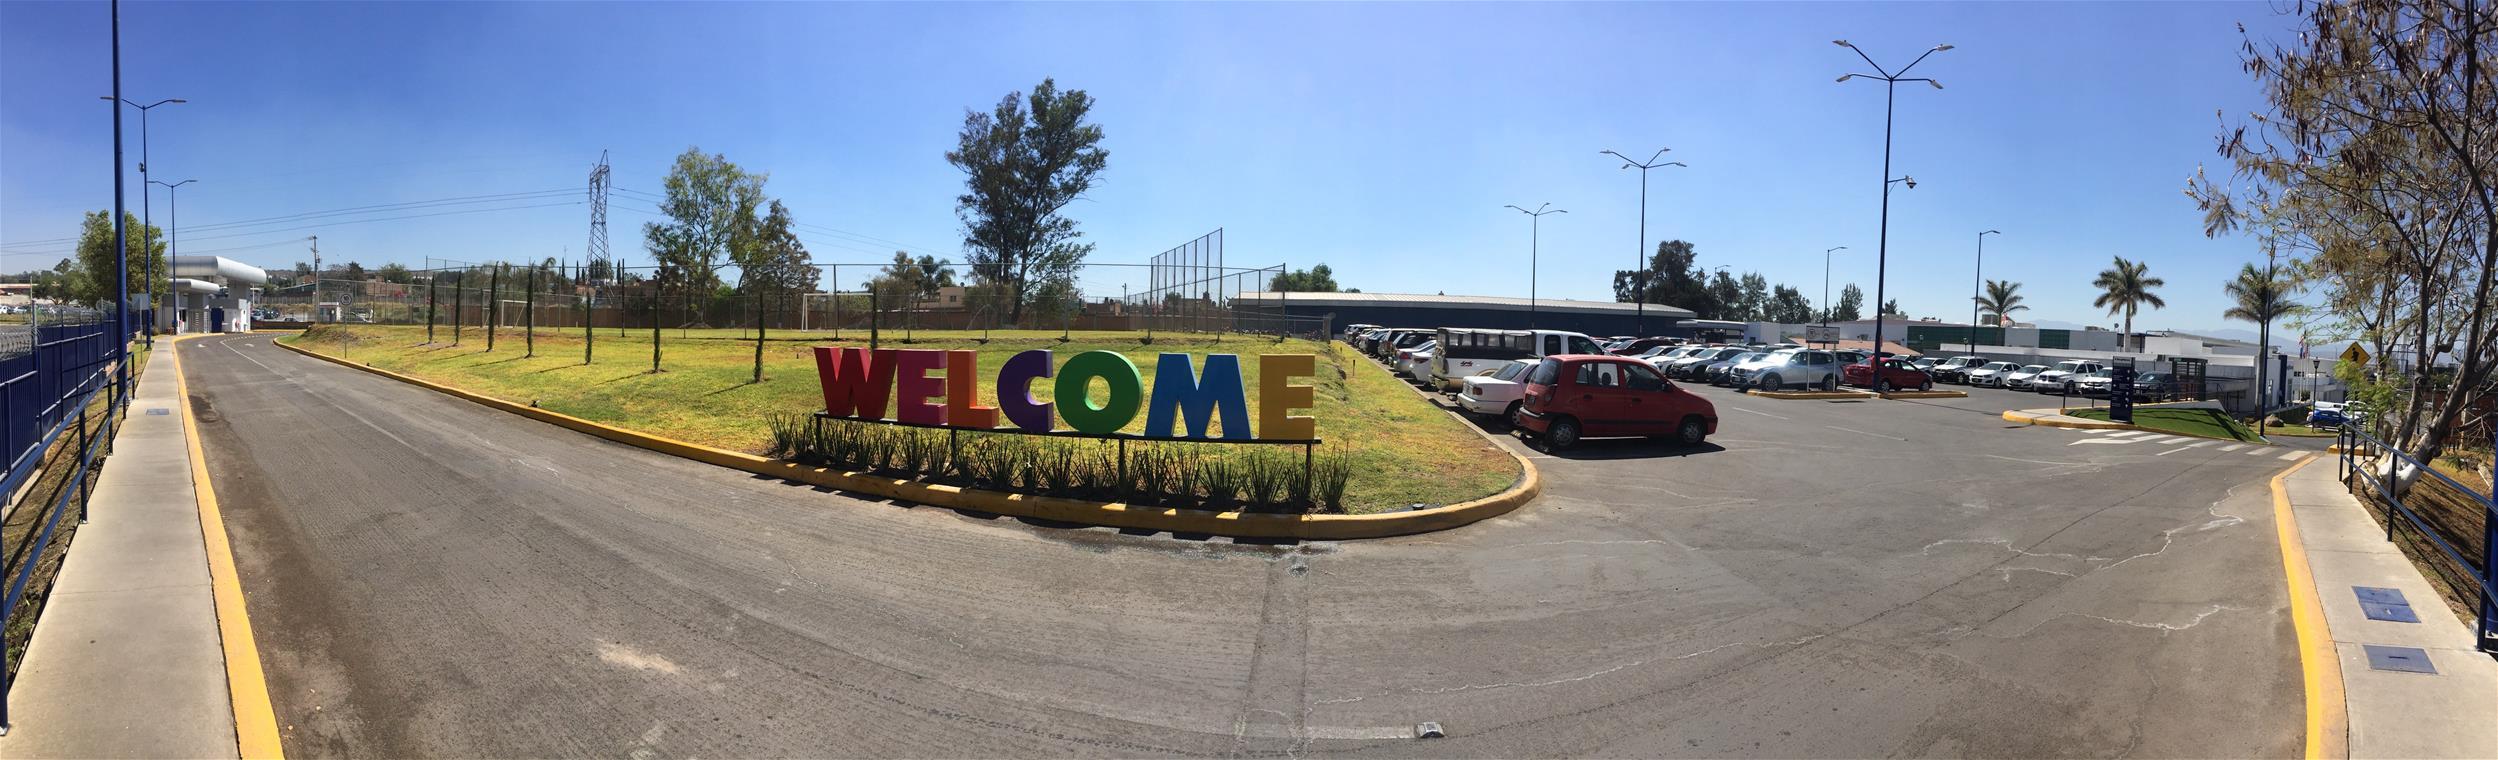 Welcome to BorgWarner El Salto!